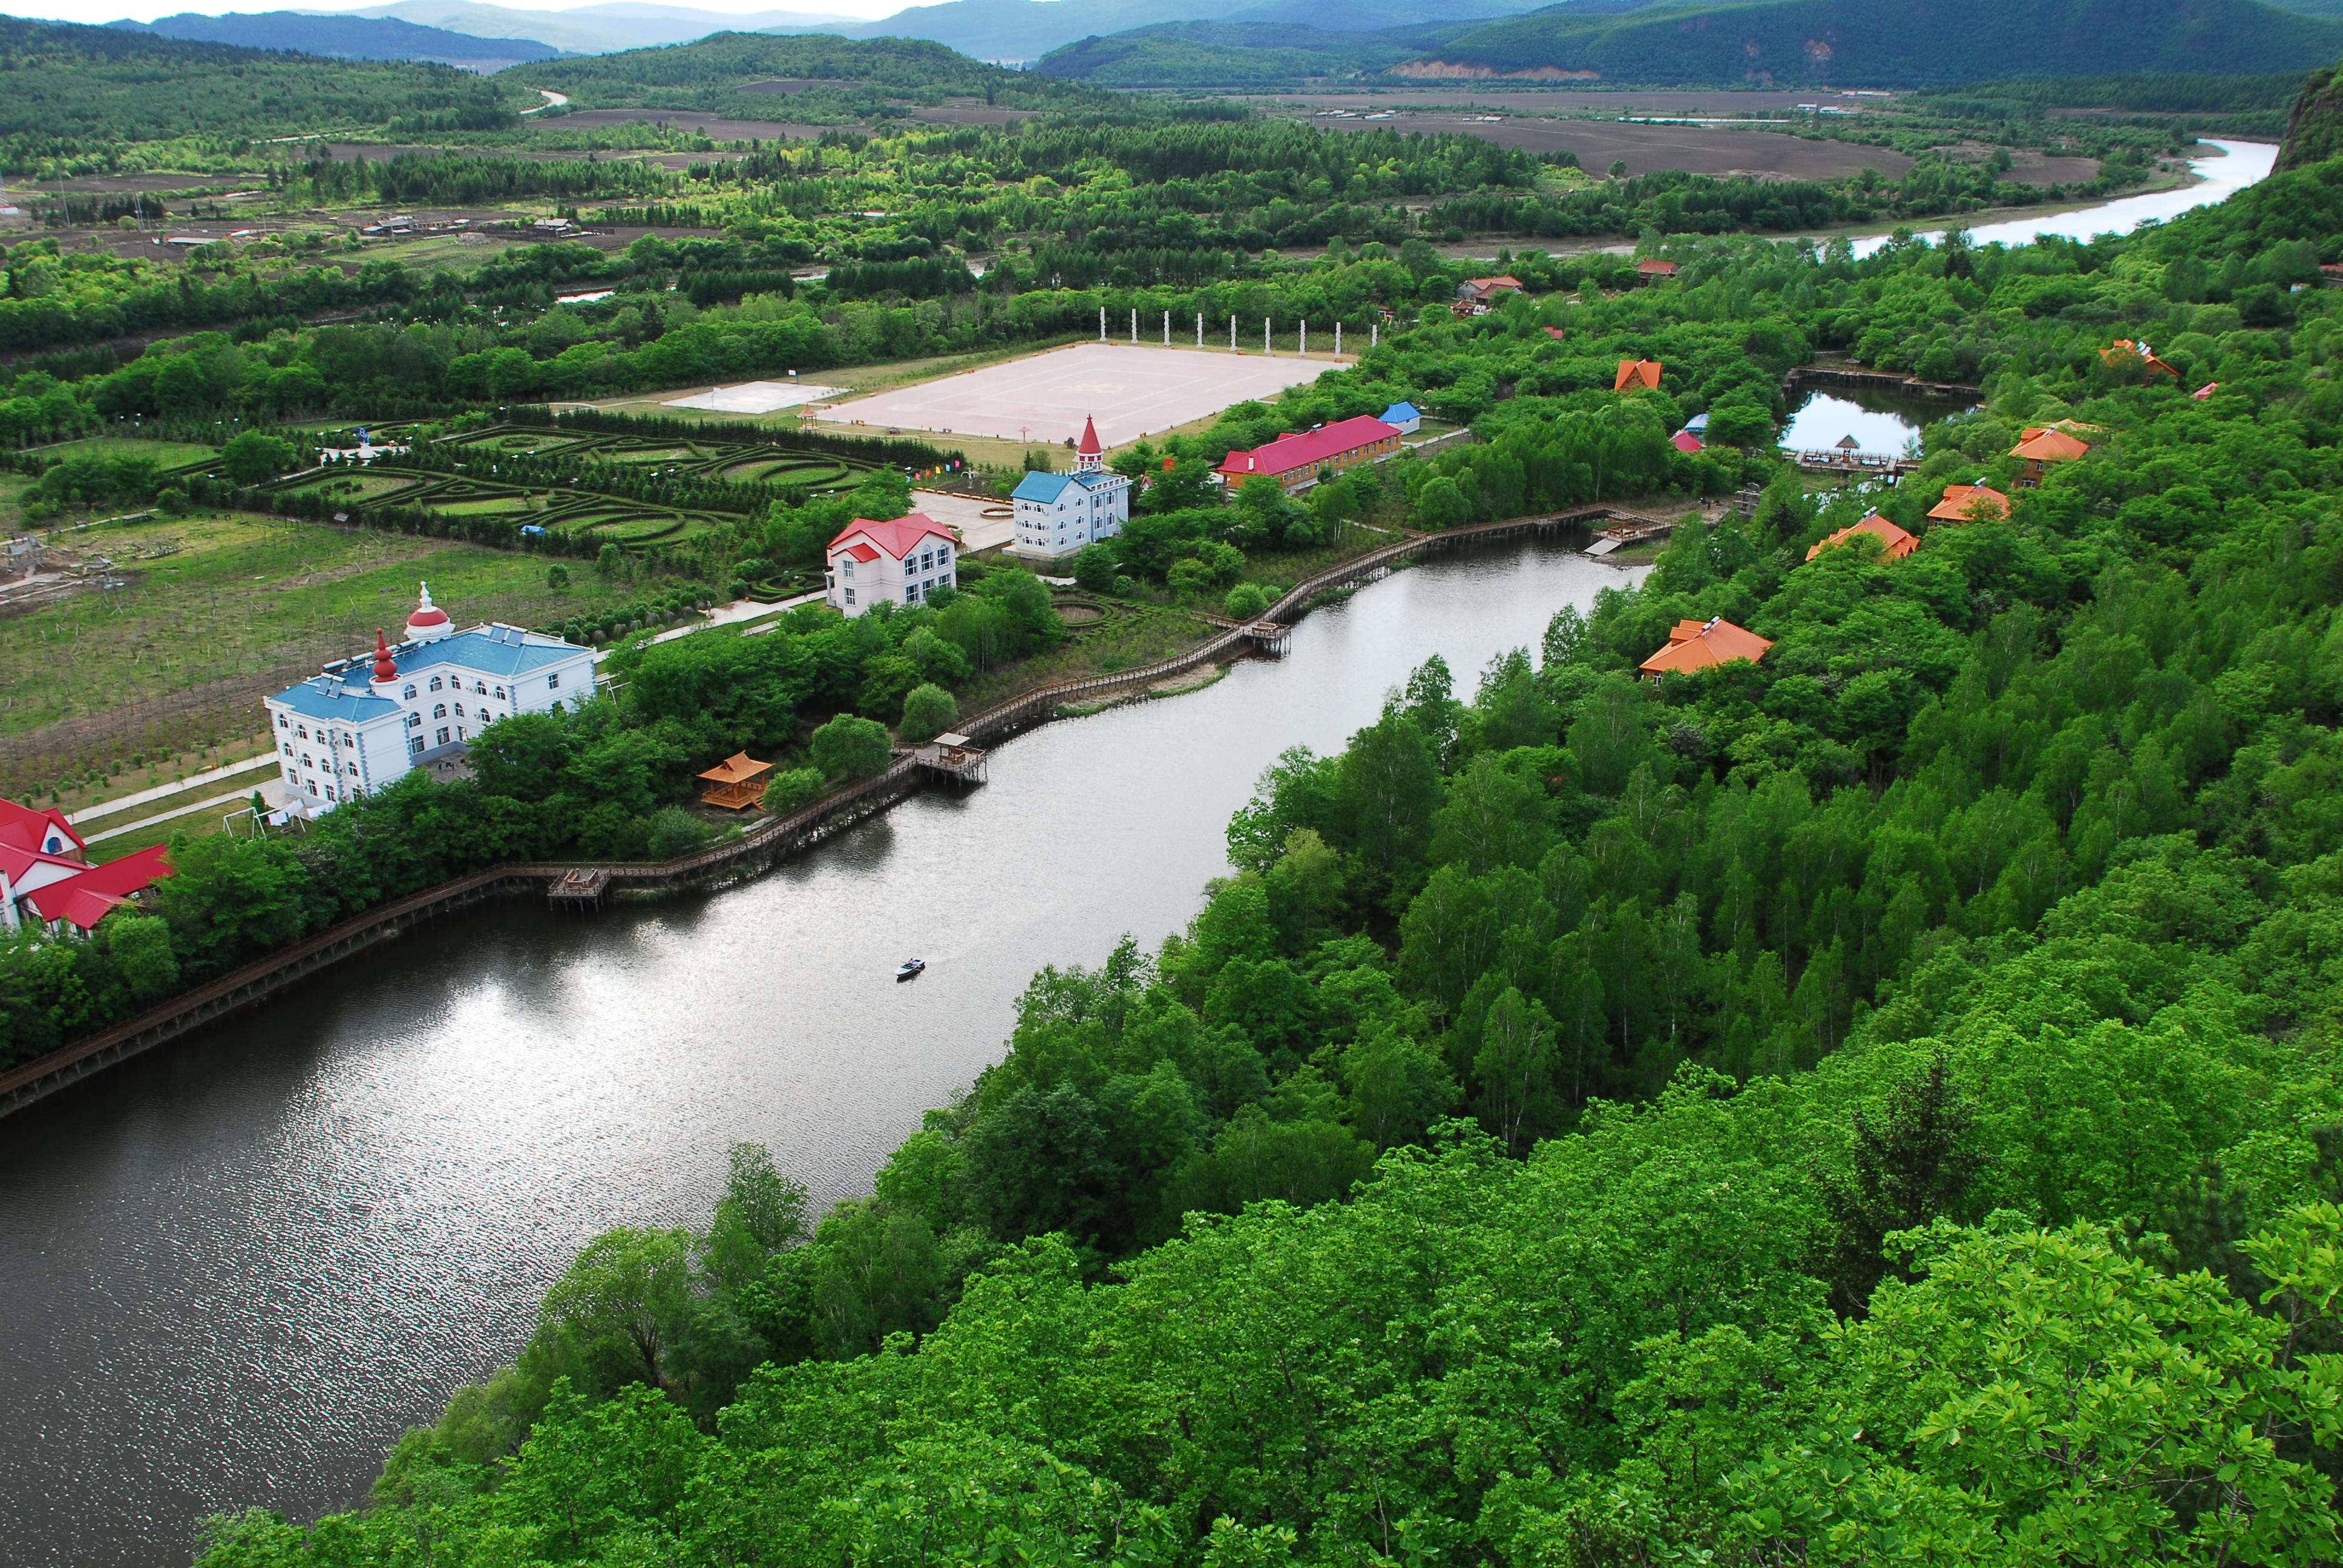 黑龙江省内的伊春,牡丹江和五大连池,哪里风景更让人